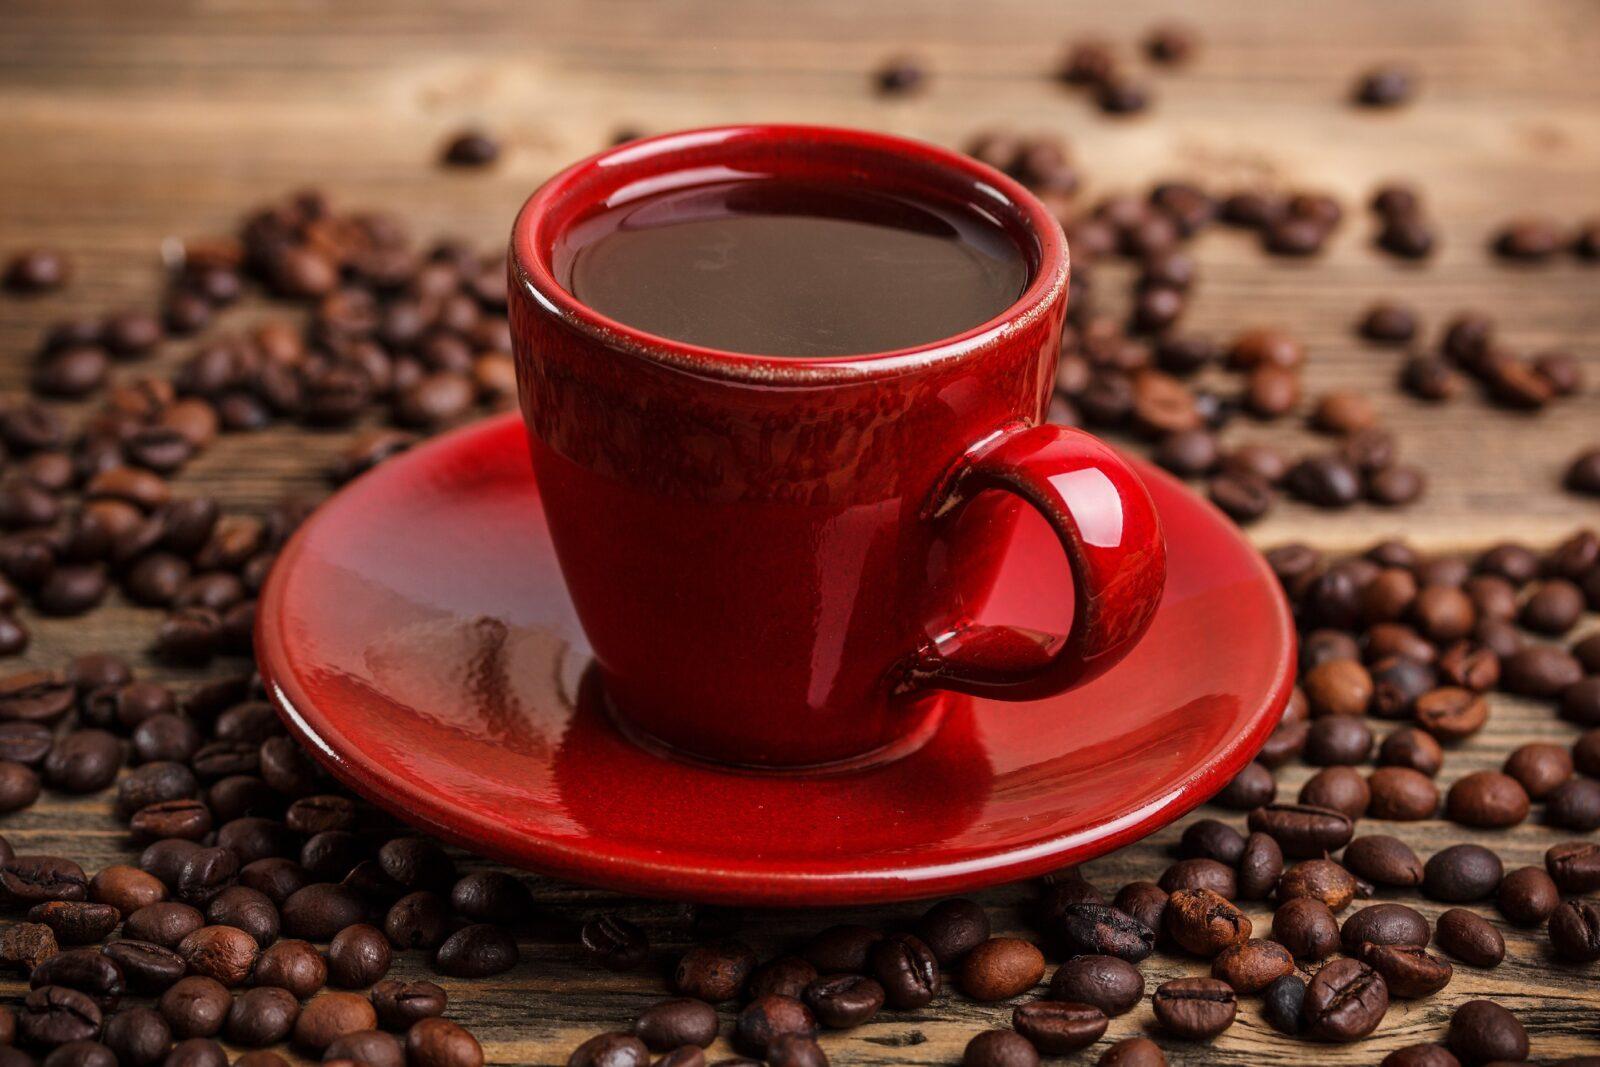 Чашка кофе, или Притча о том, как научиться жить счастливо...